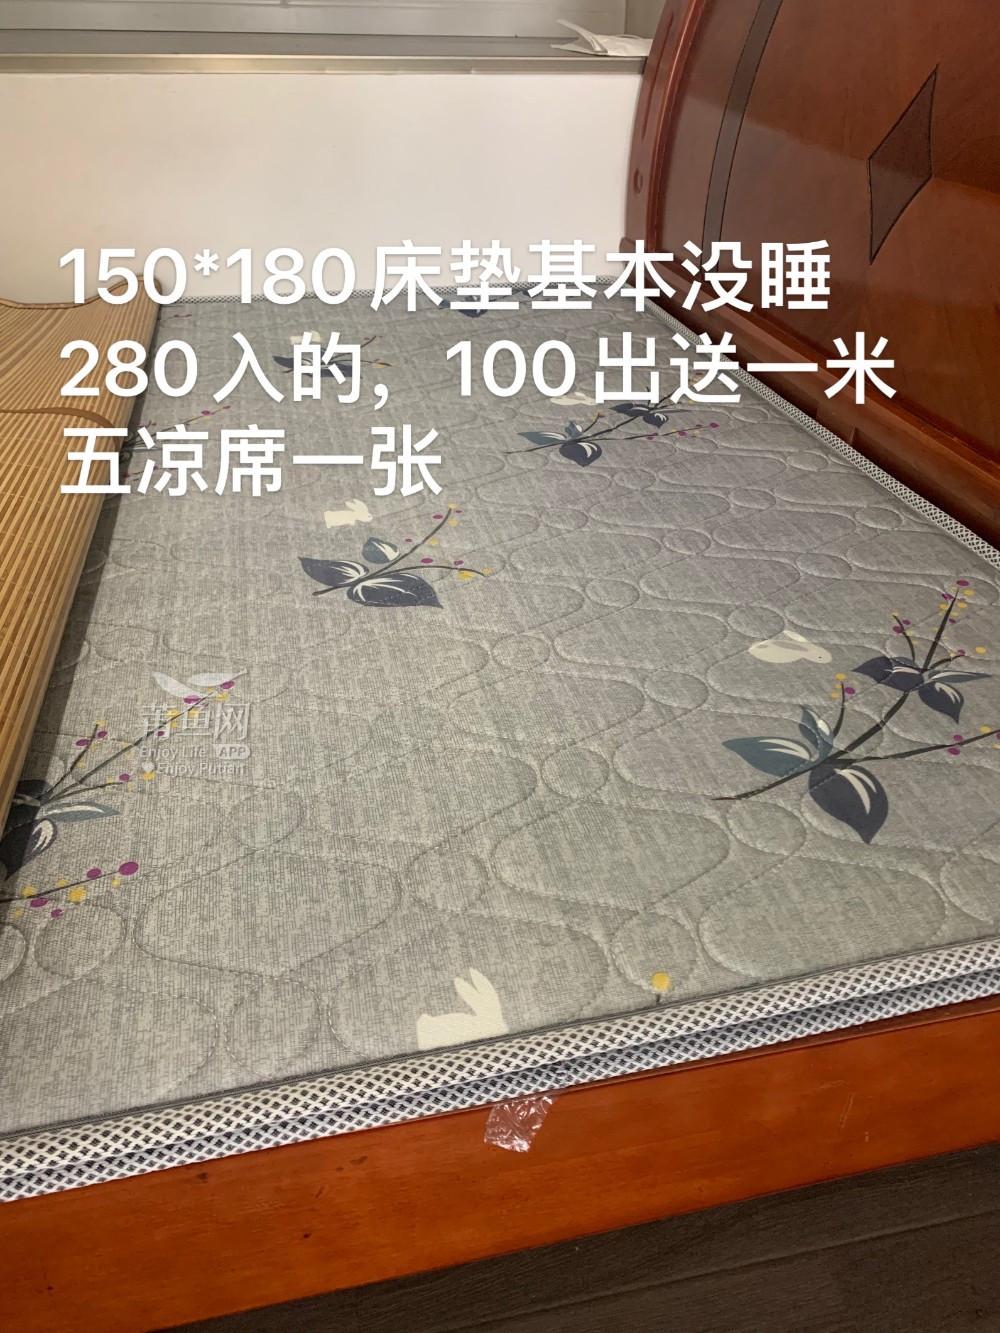 微信图片_20210610105609.jpg